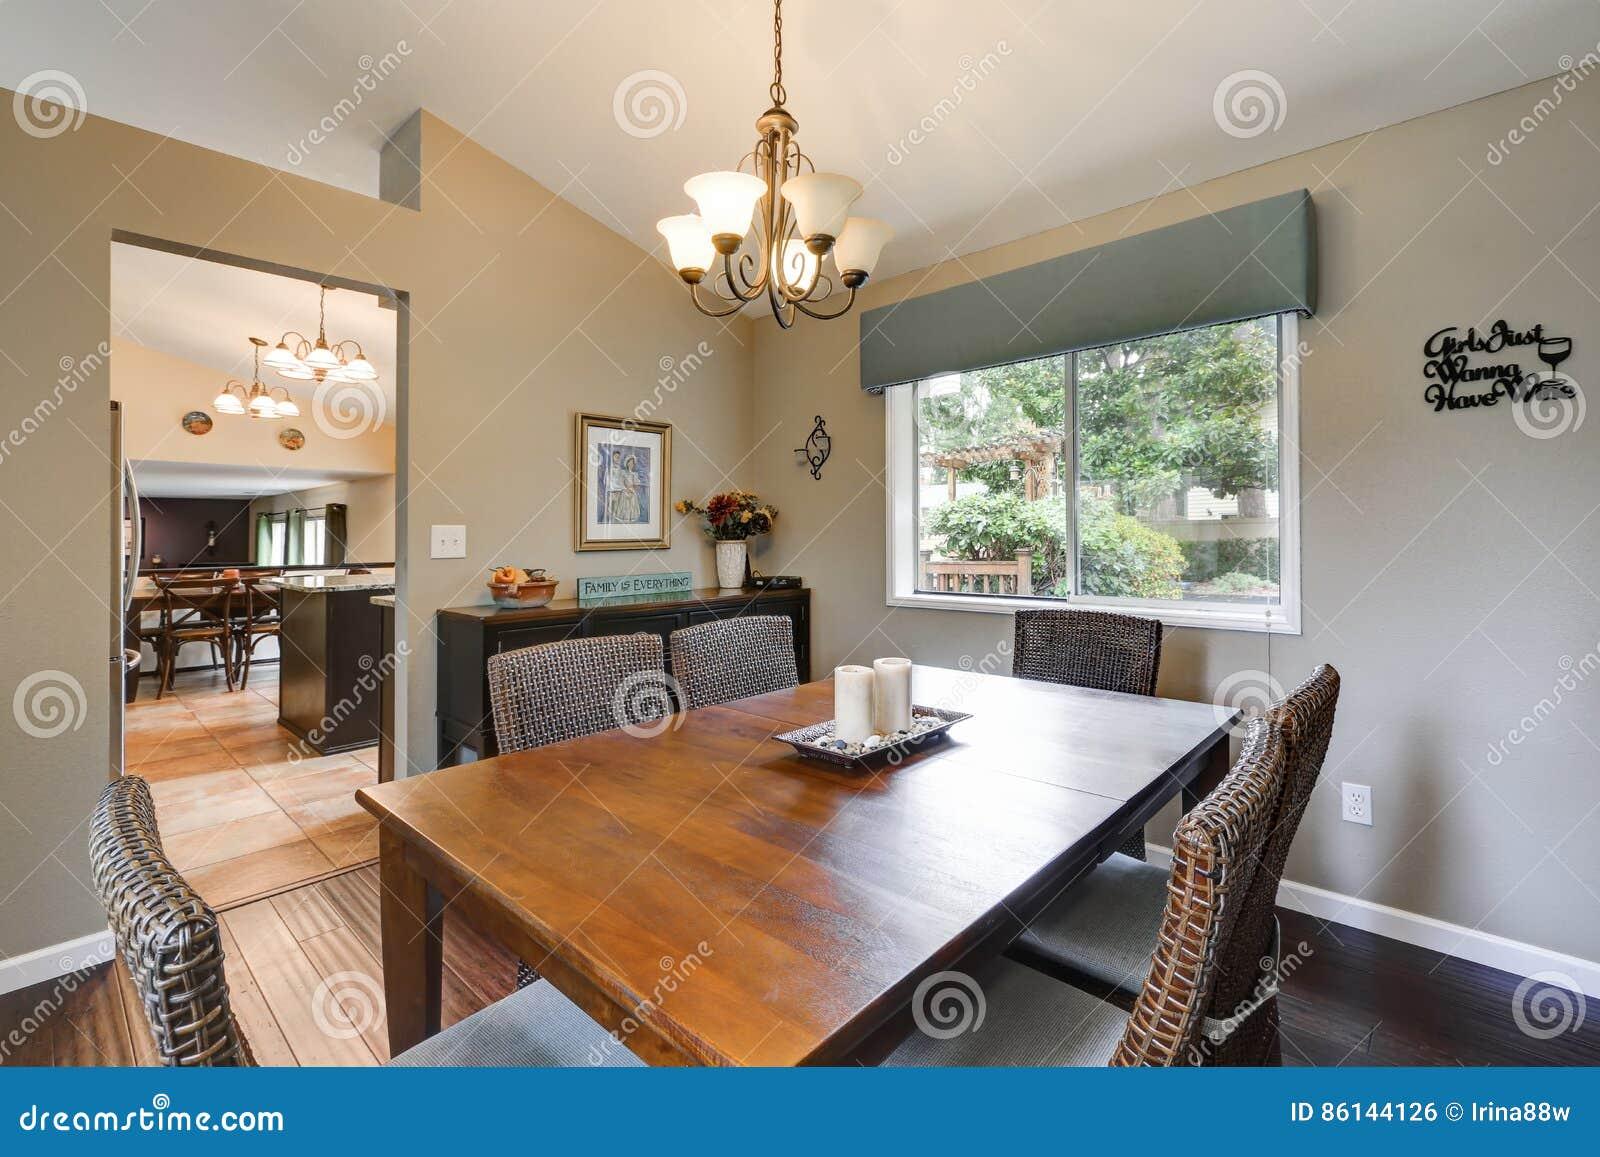 Elegantes Esszimmer Betont Mit Geflochtenen Stühlen